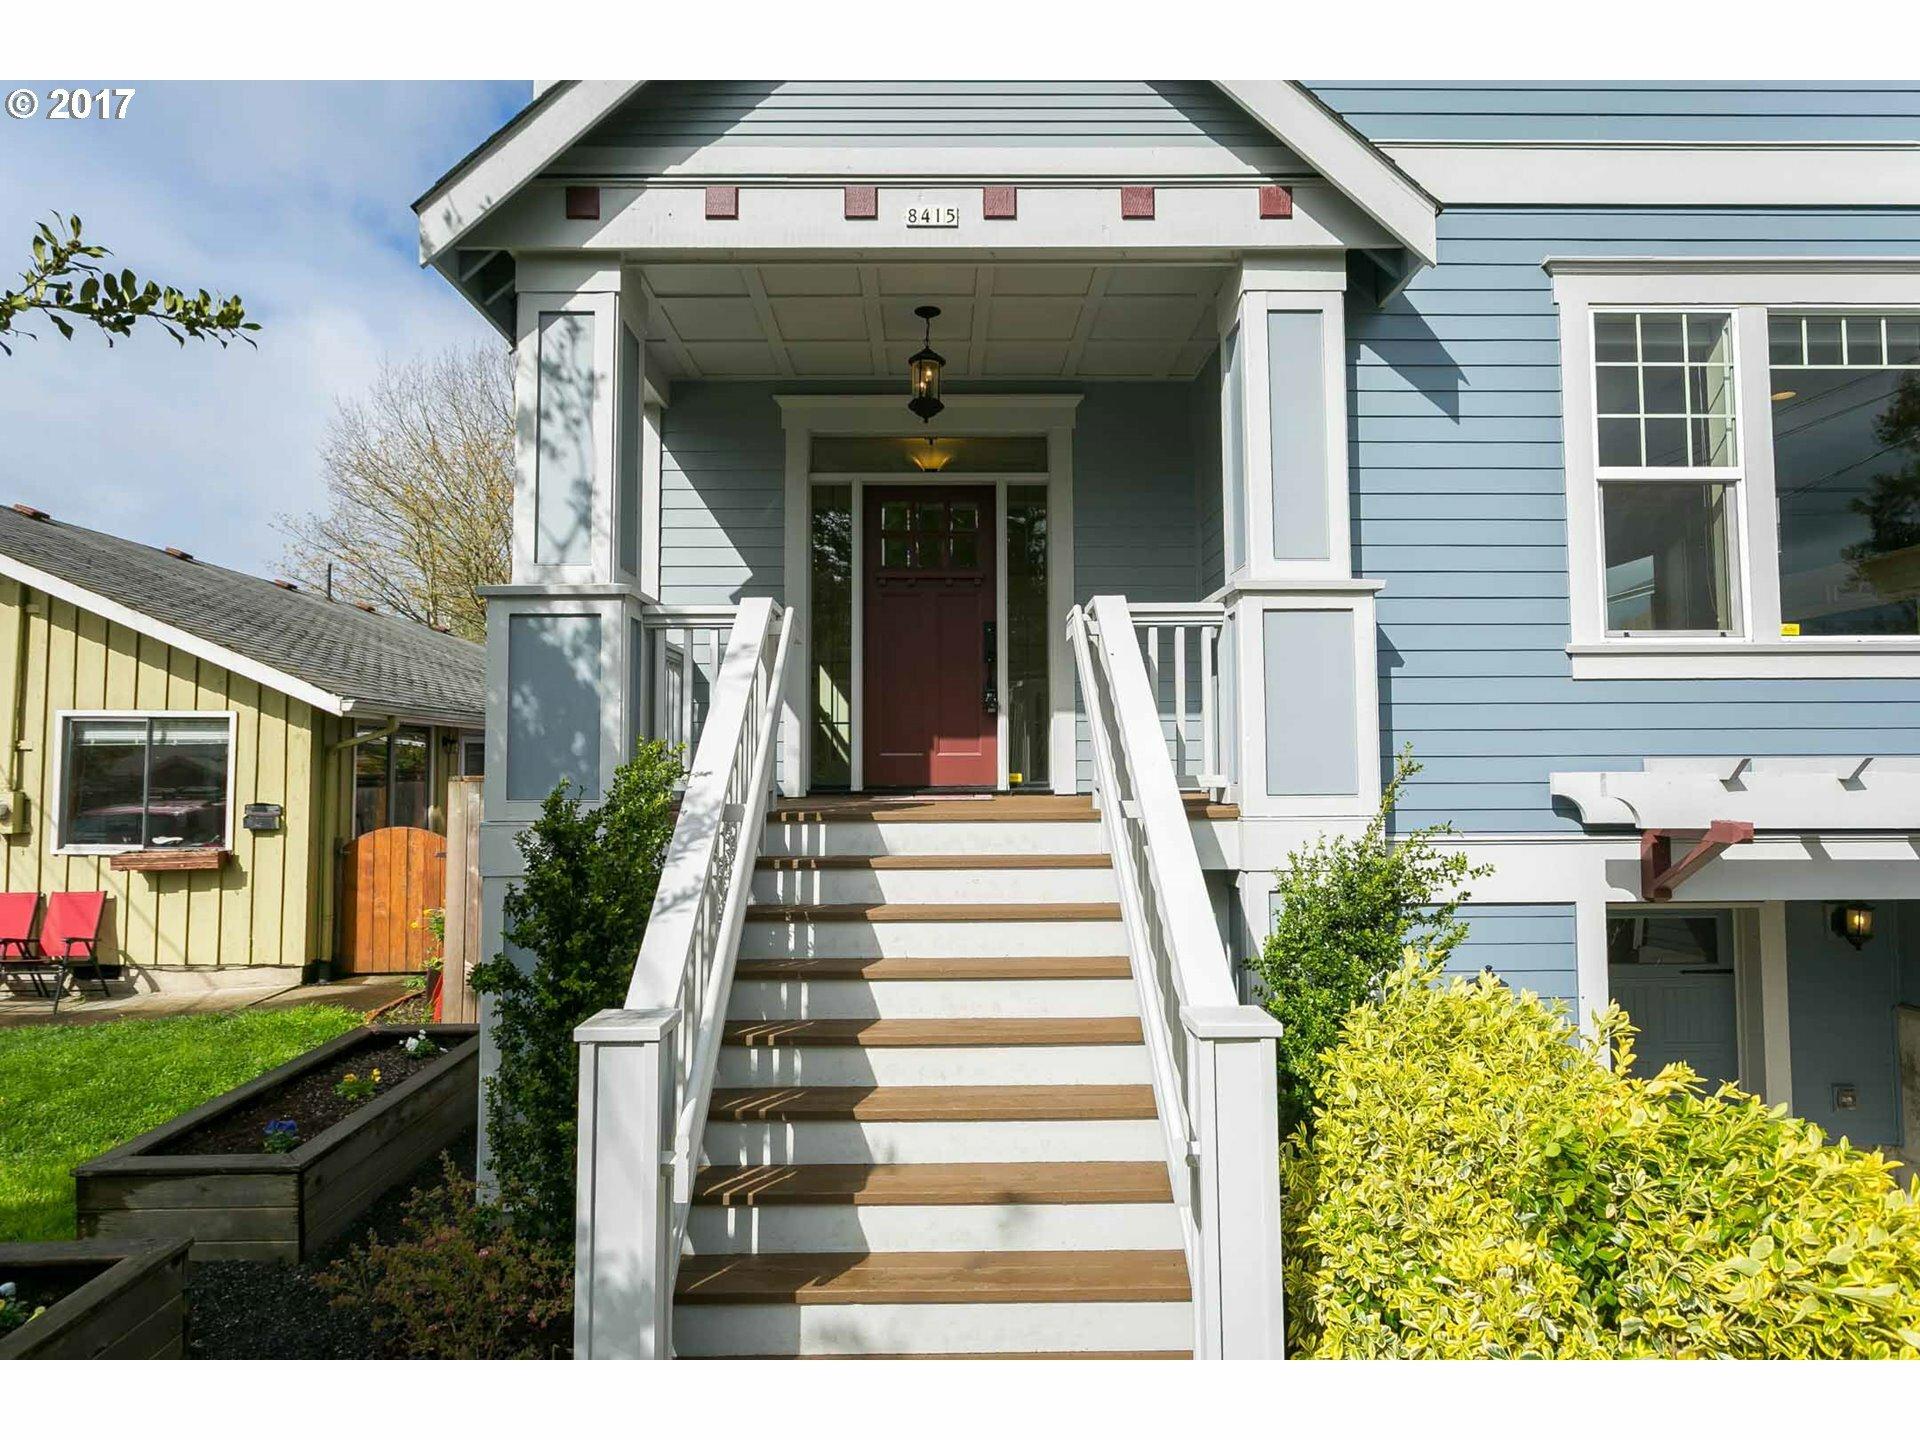 8415 Se 19th Ave, Portland, OR - USA (photo 2)